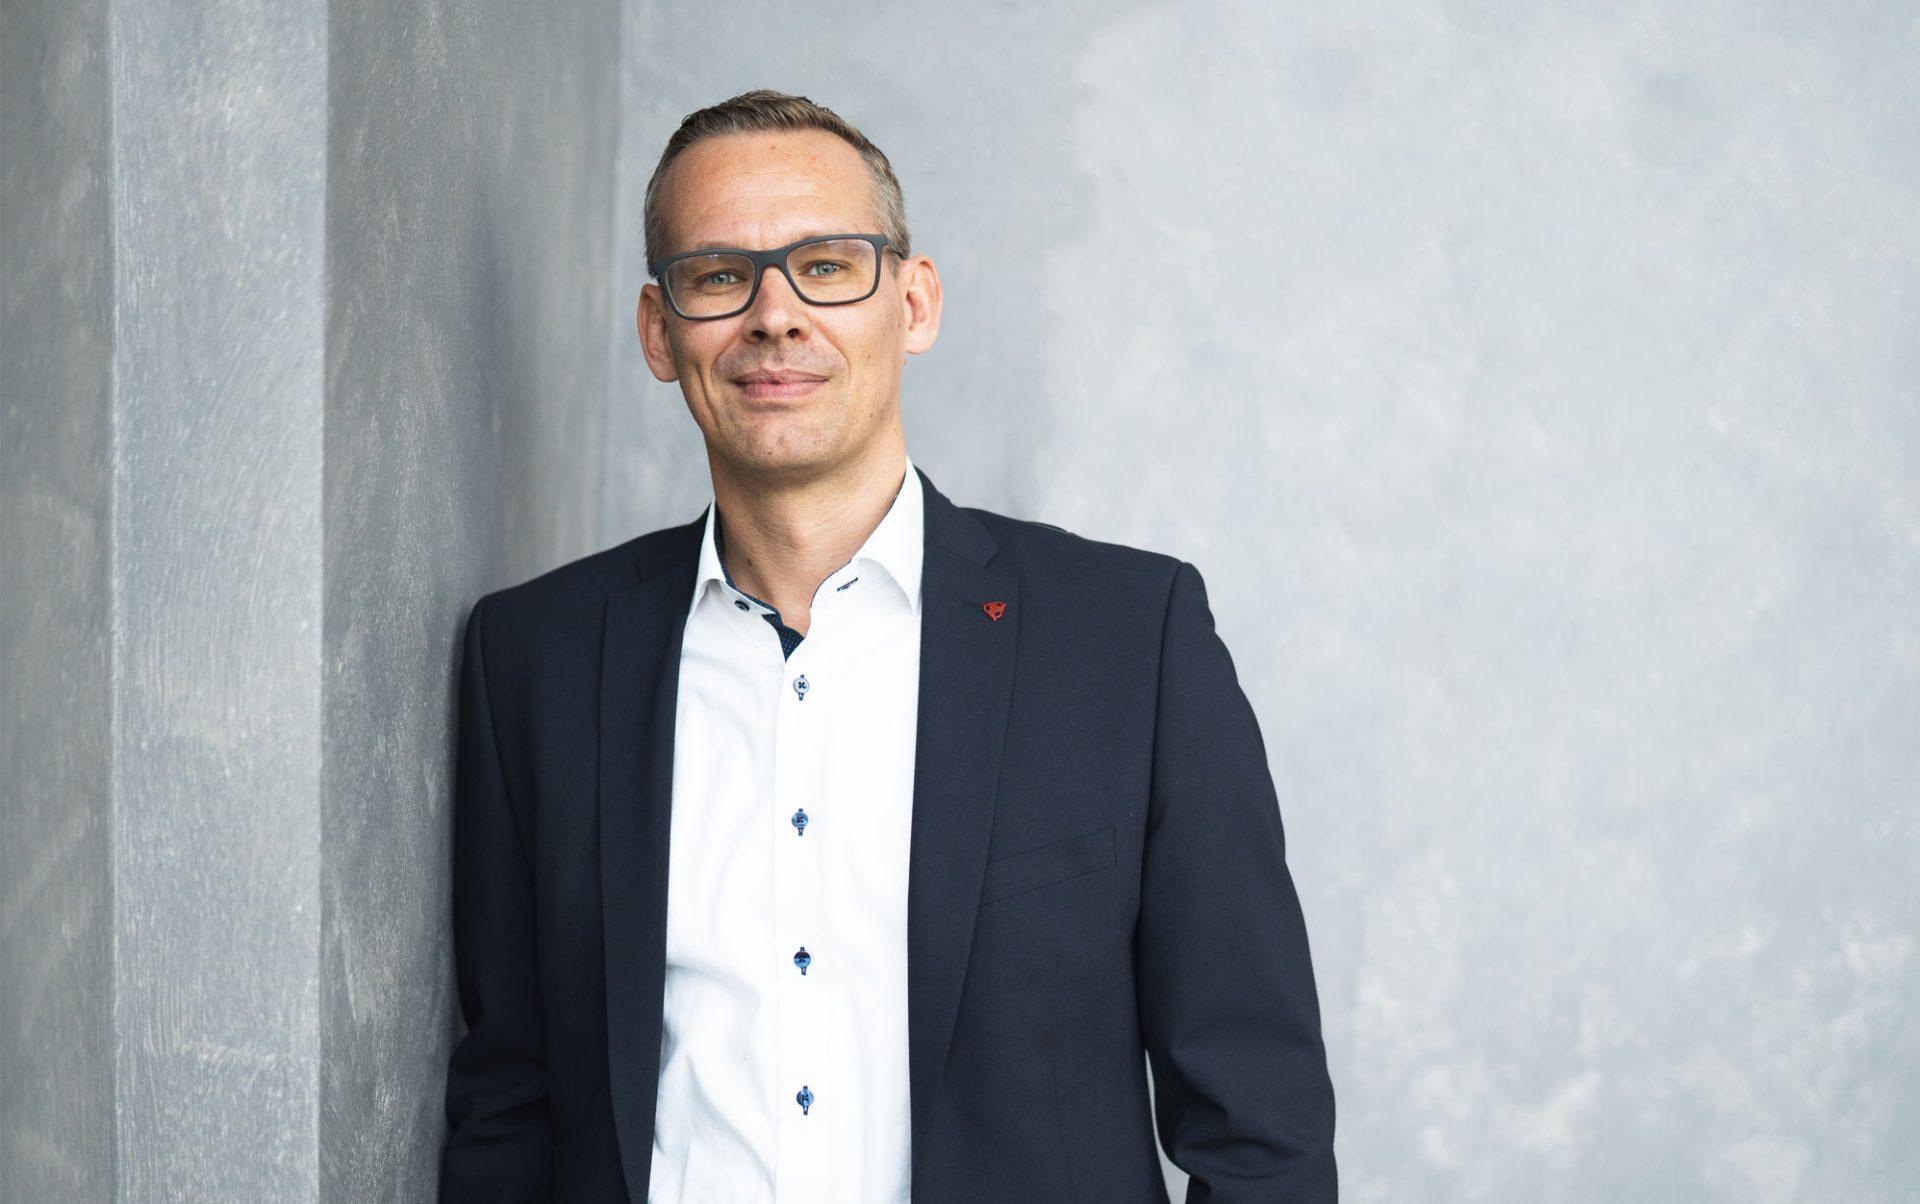 Oliver Twisselmann